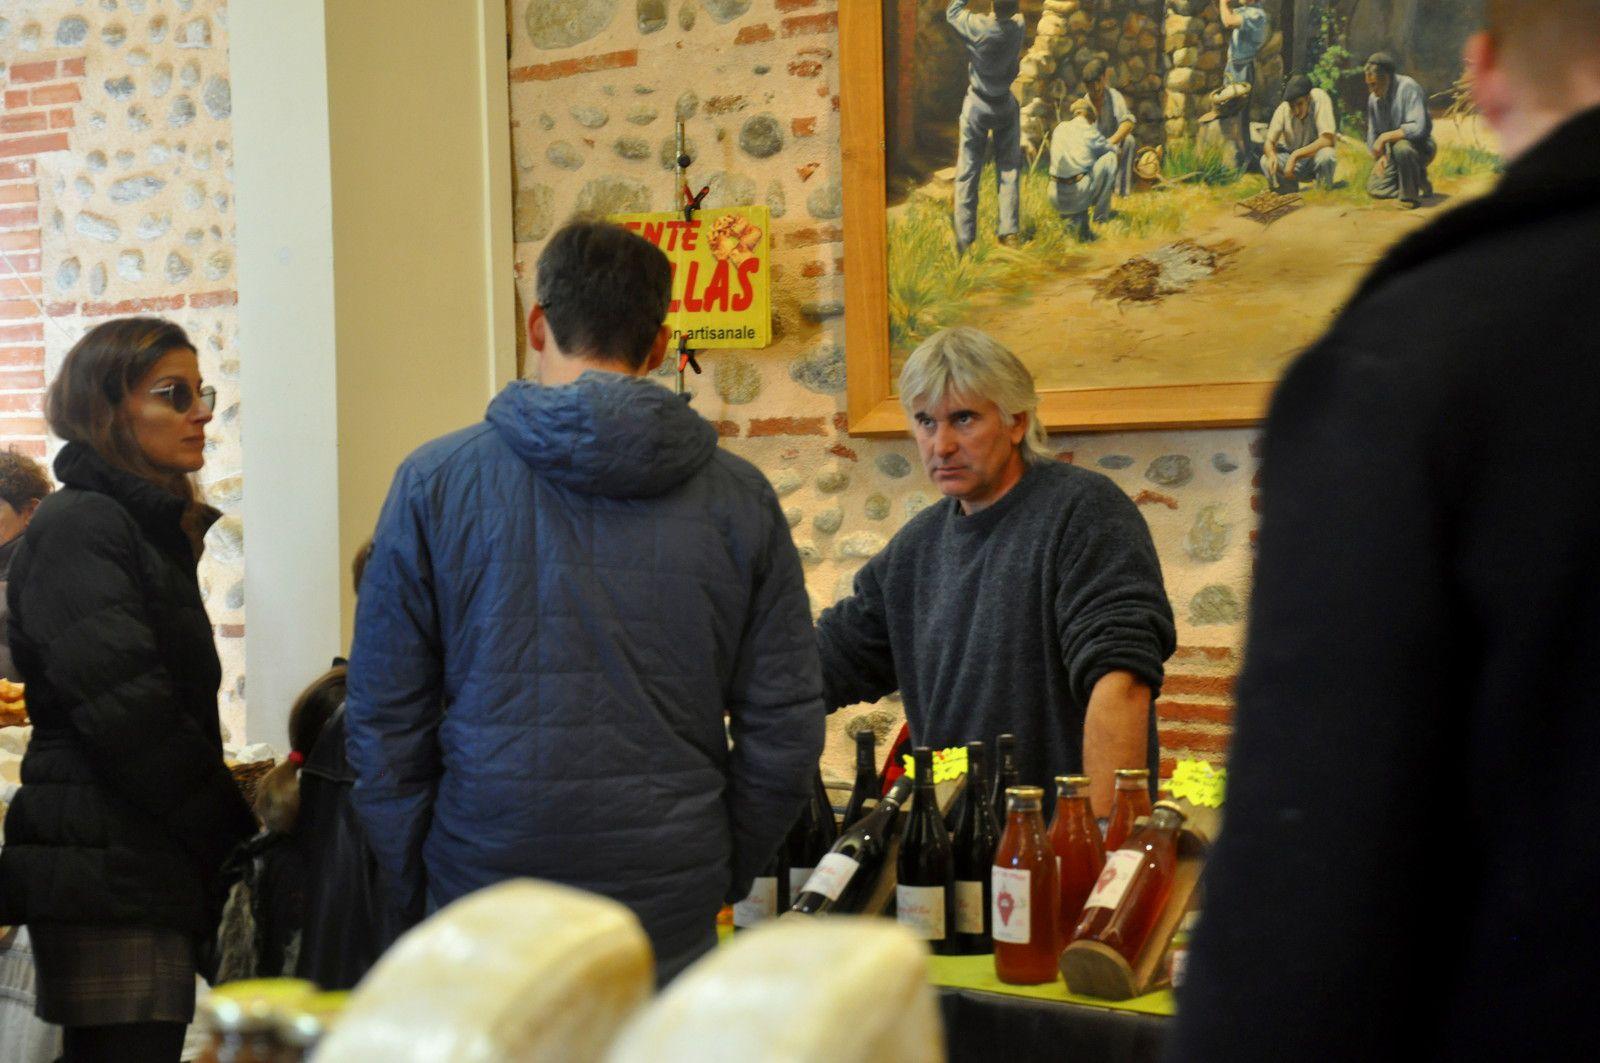 Le vin de Montalba.